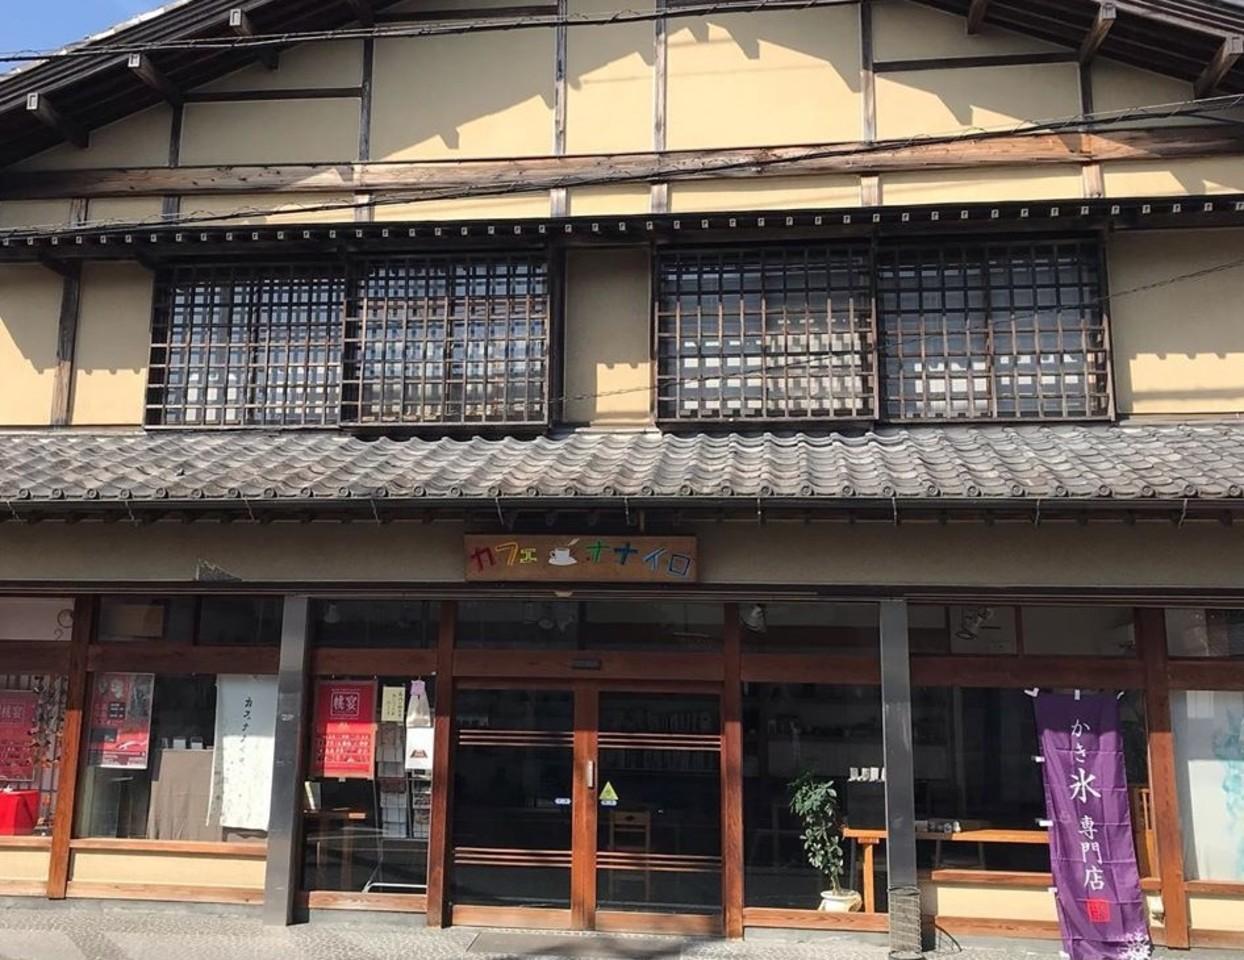 茨城県笠間市笠間に氷処「四季と六花」が昨日プレオープンされたようです。